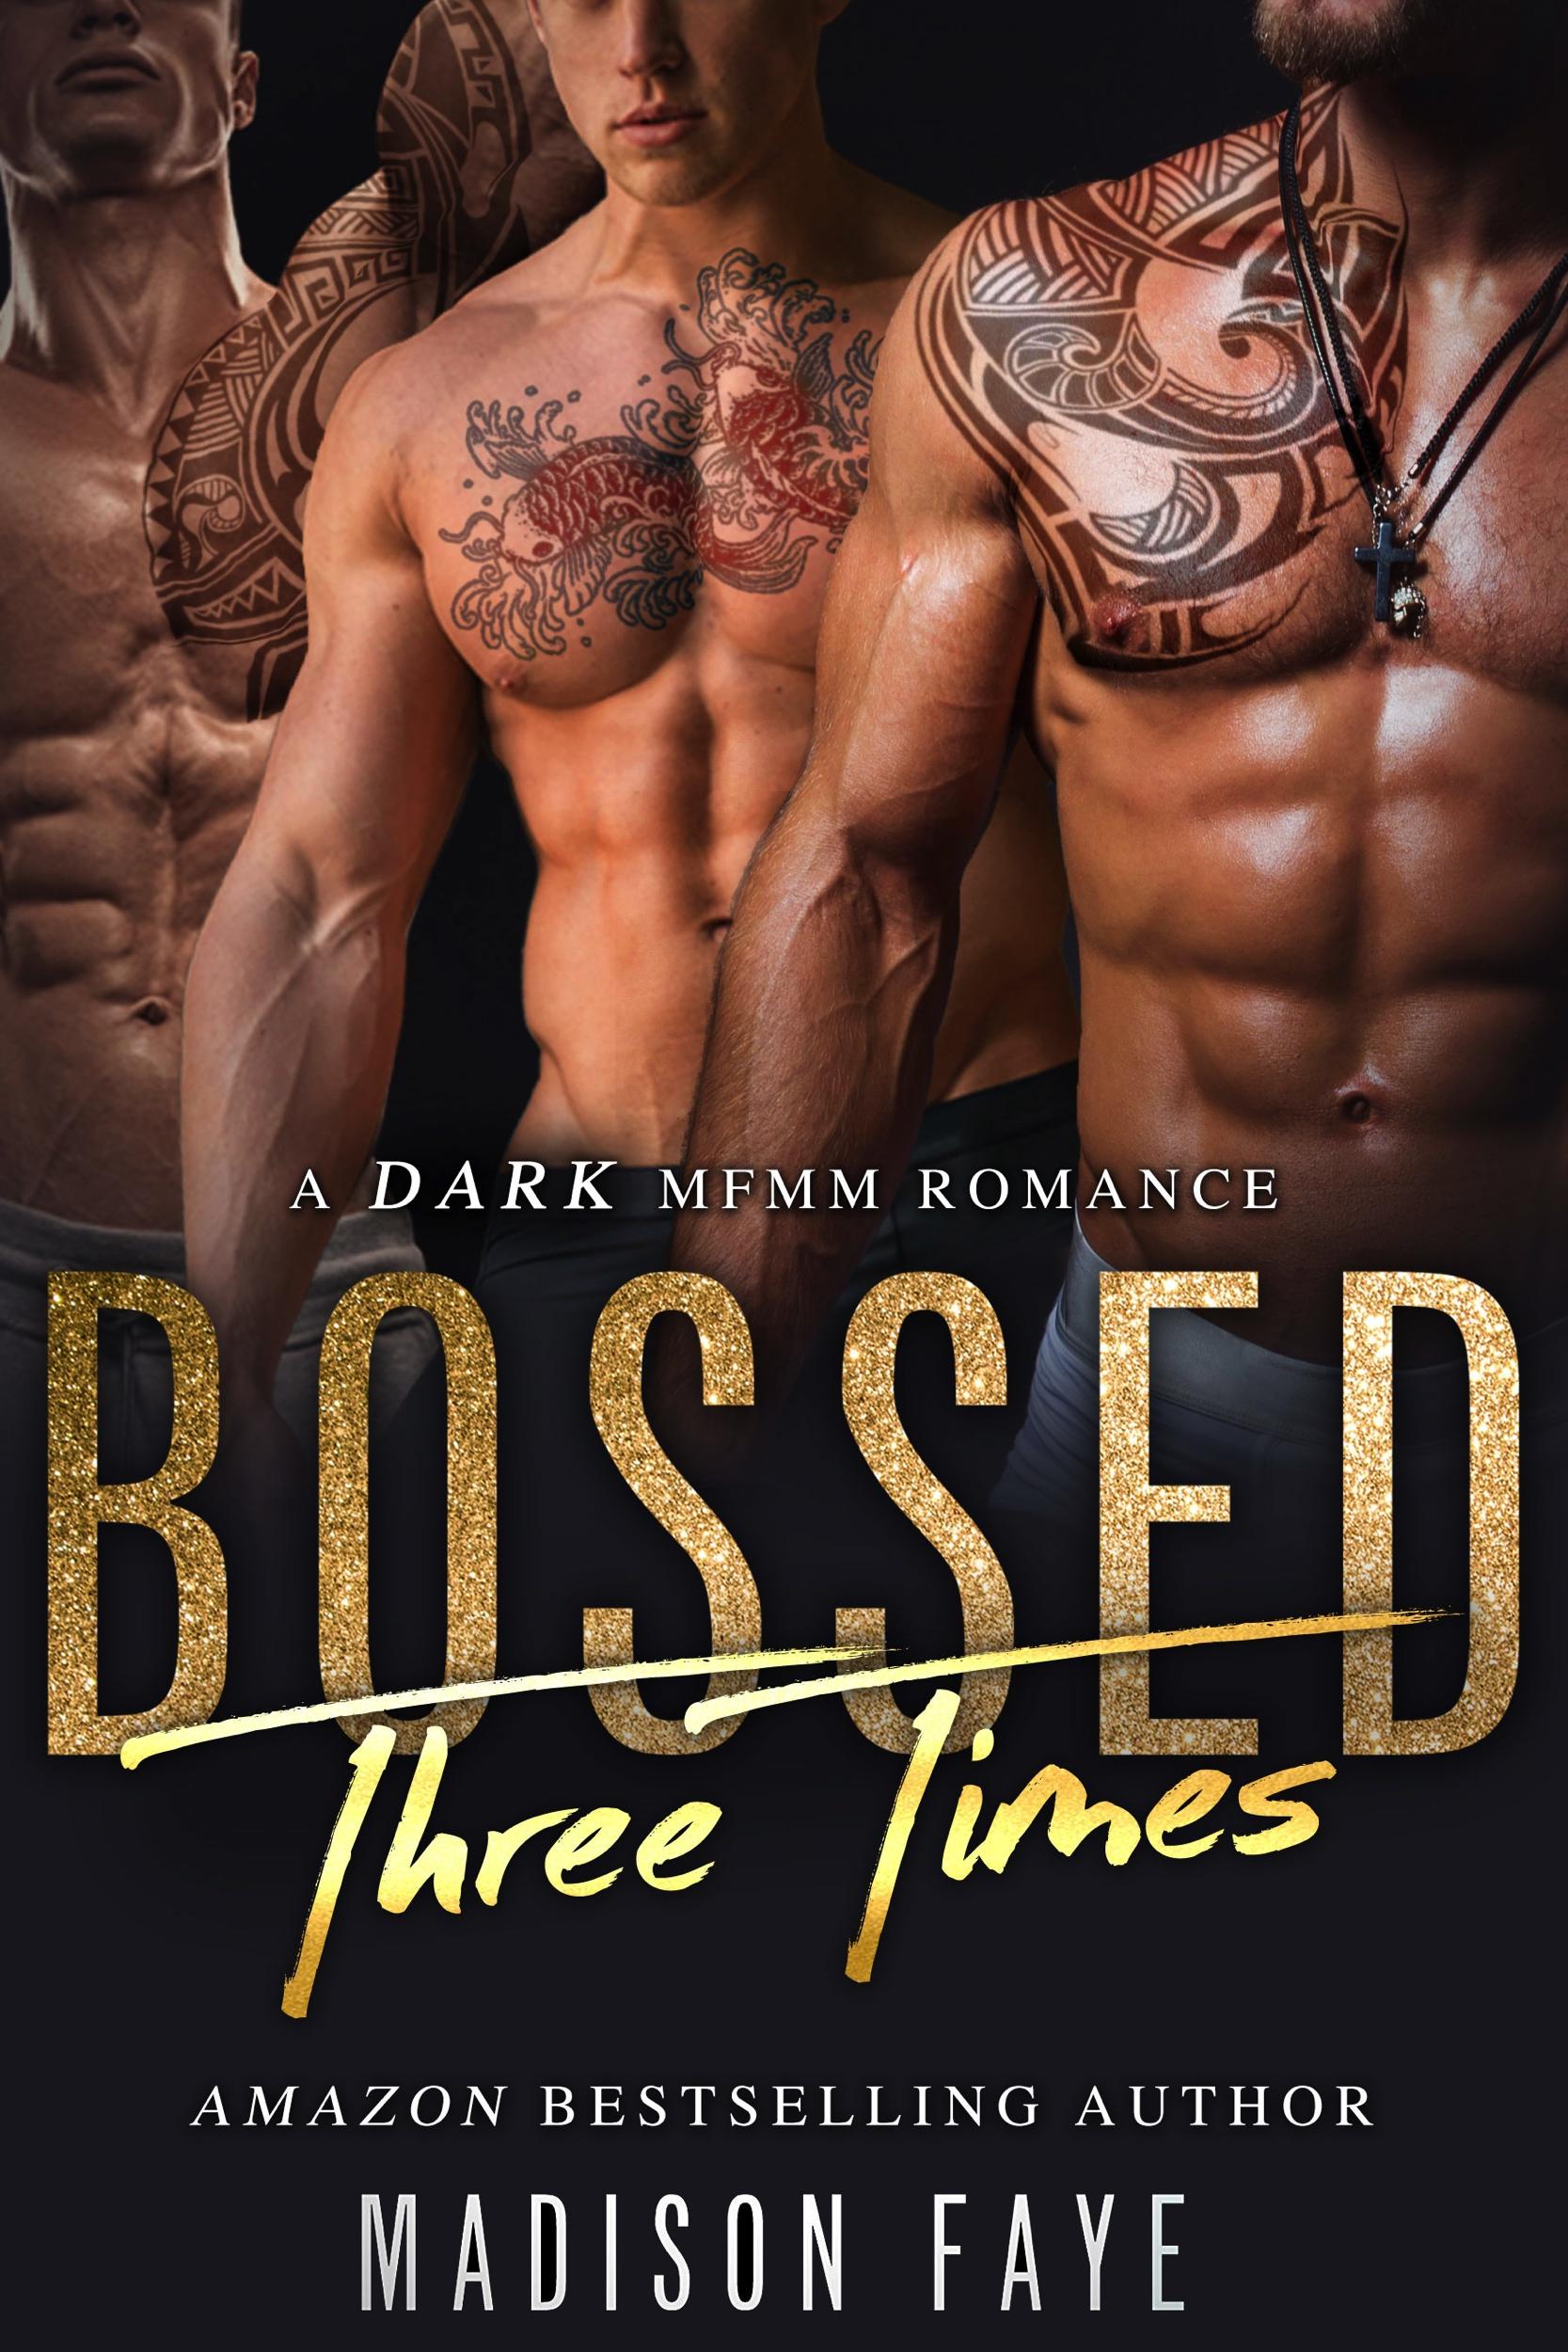 Bossed-Three-Times-Kindle.jpg